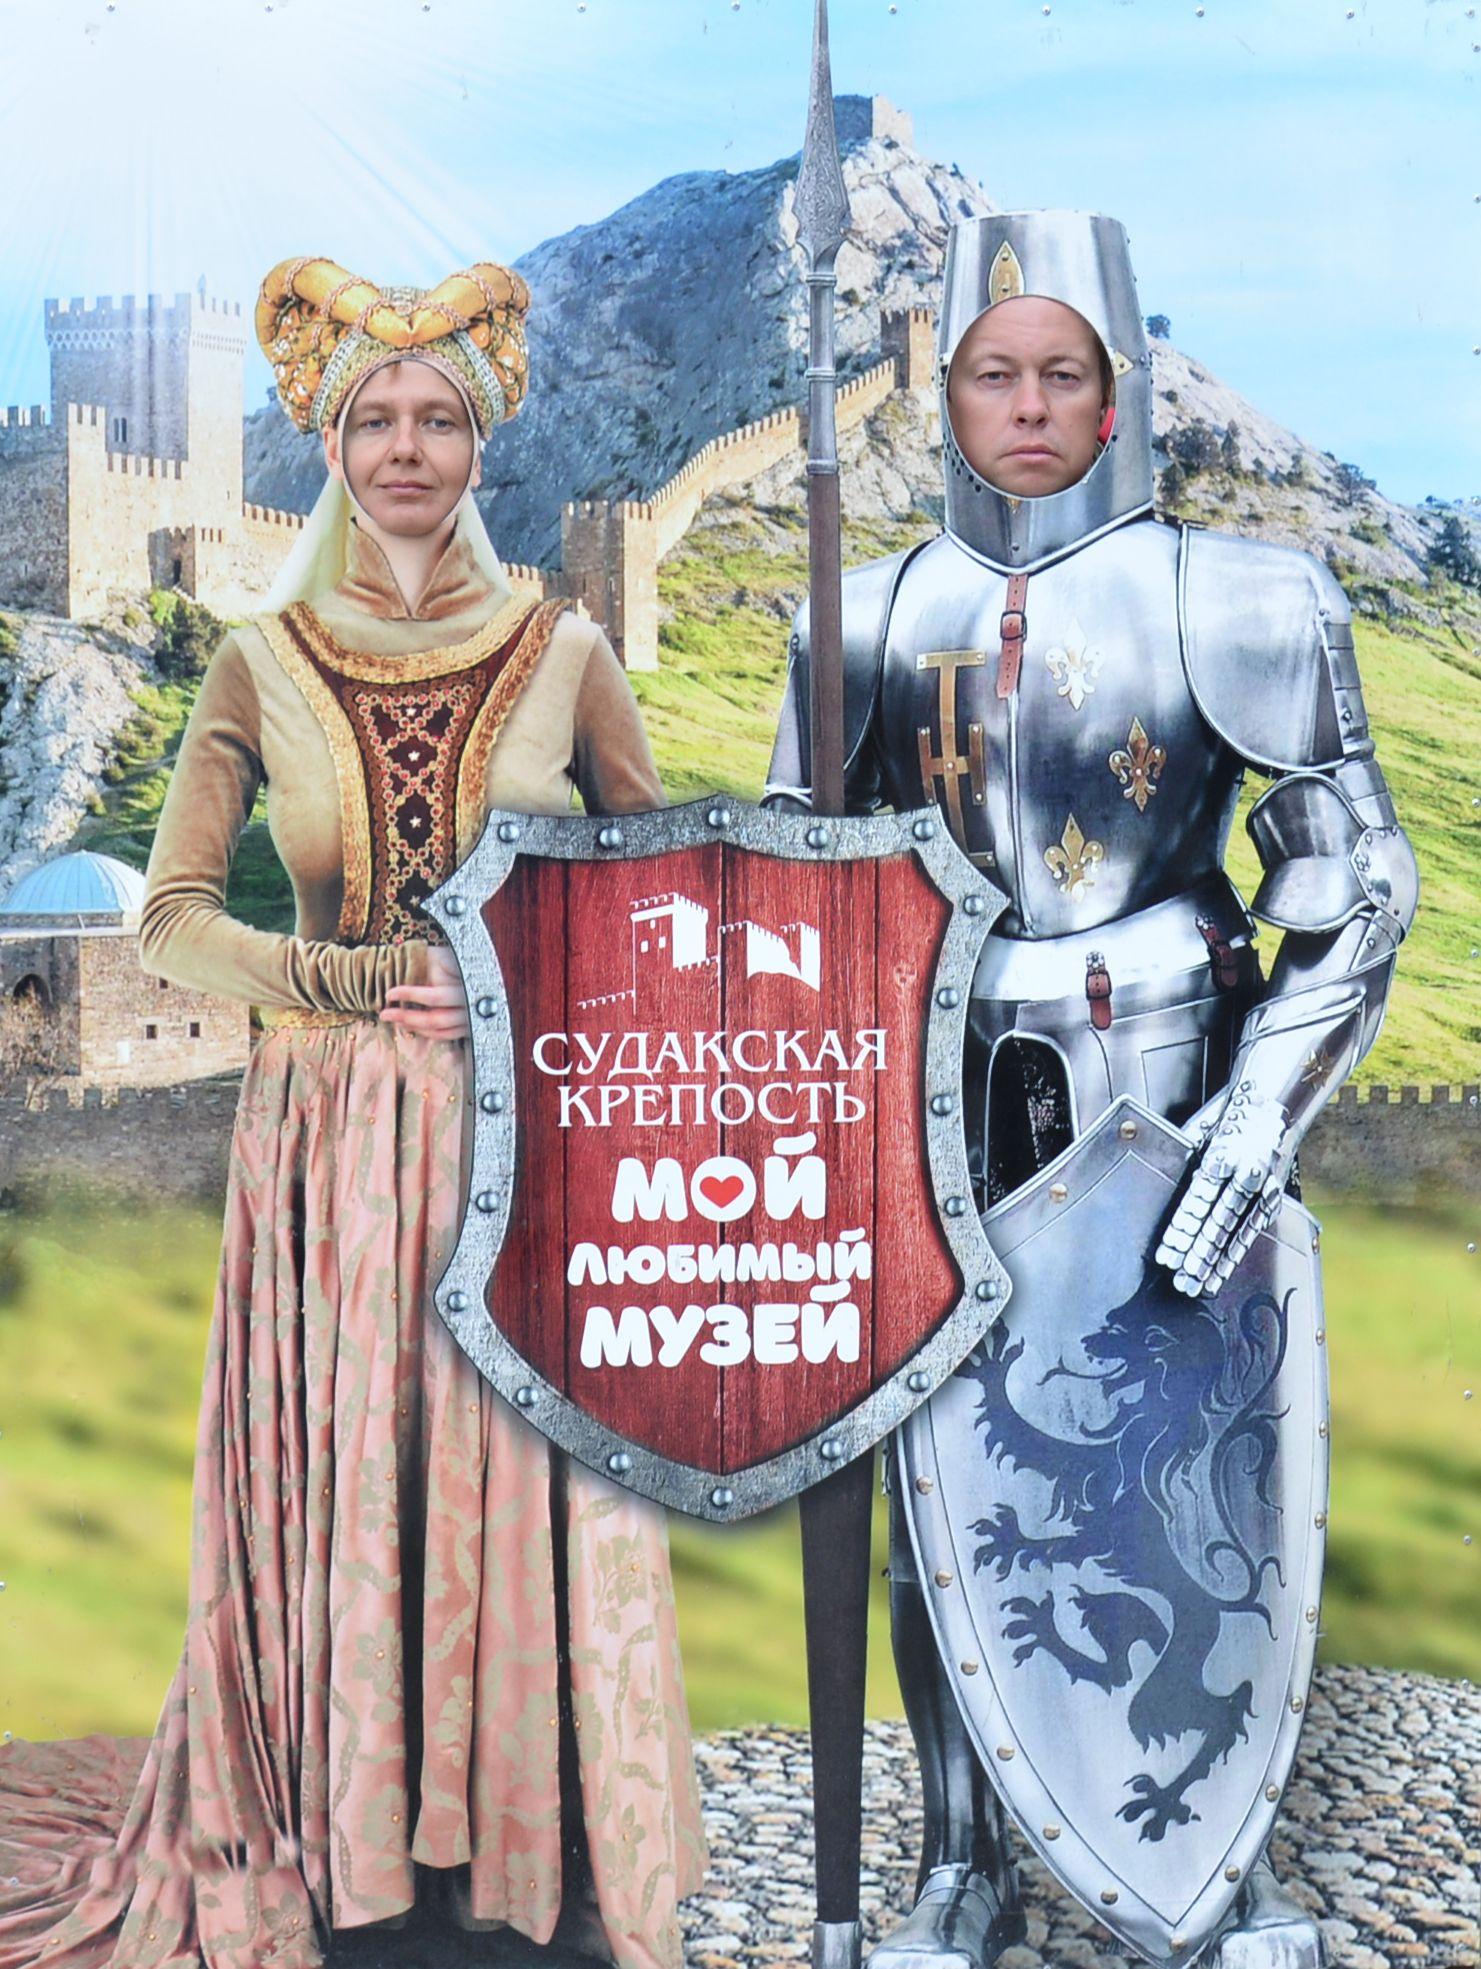 Королева и её рыцарь. В образе